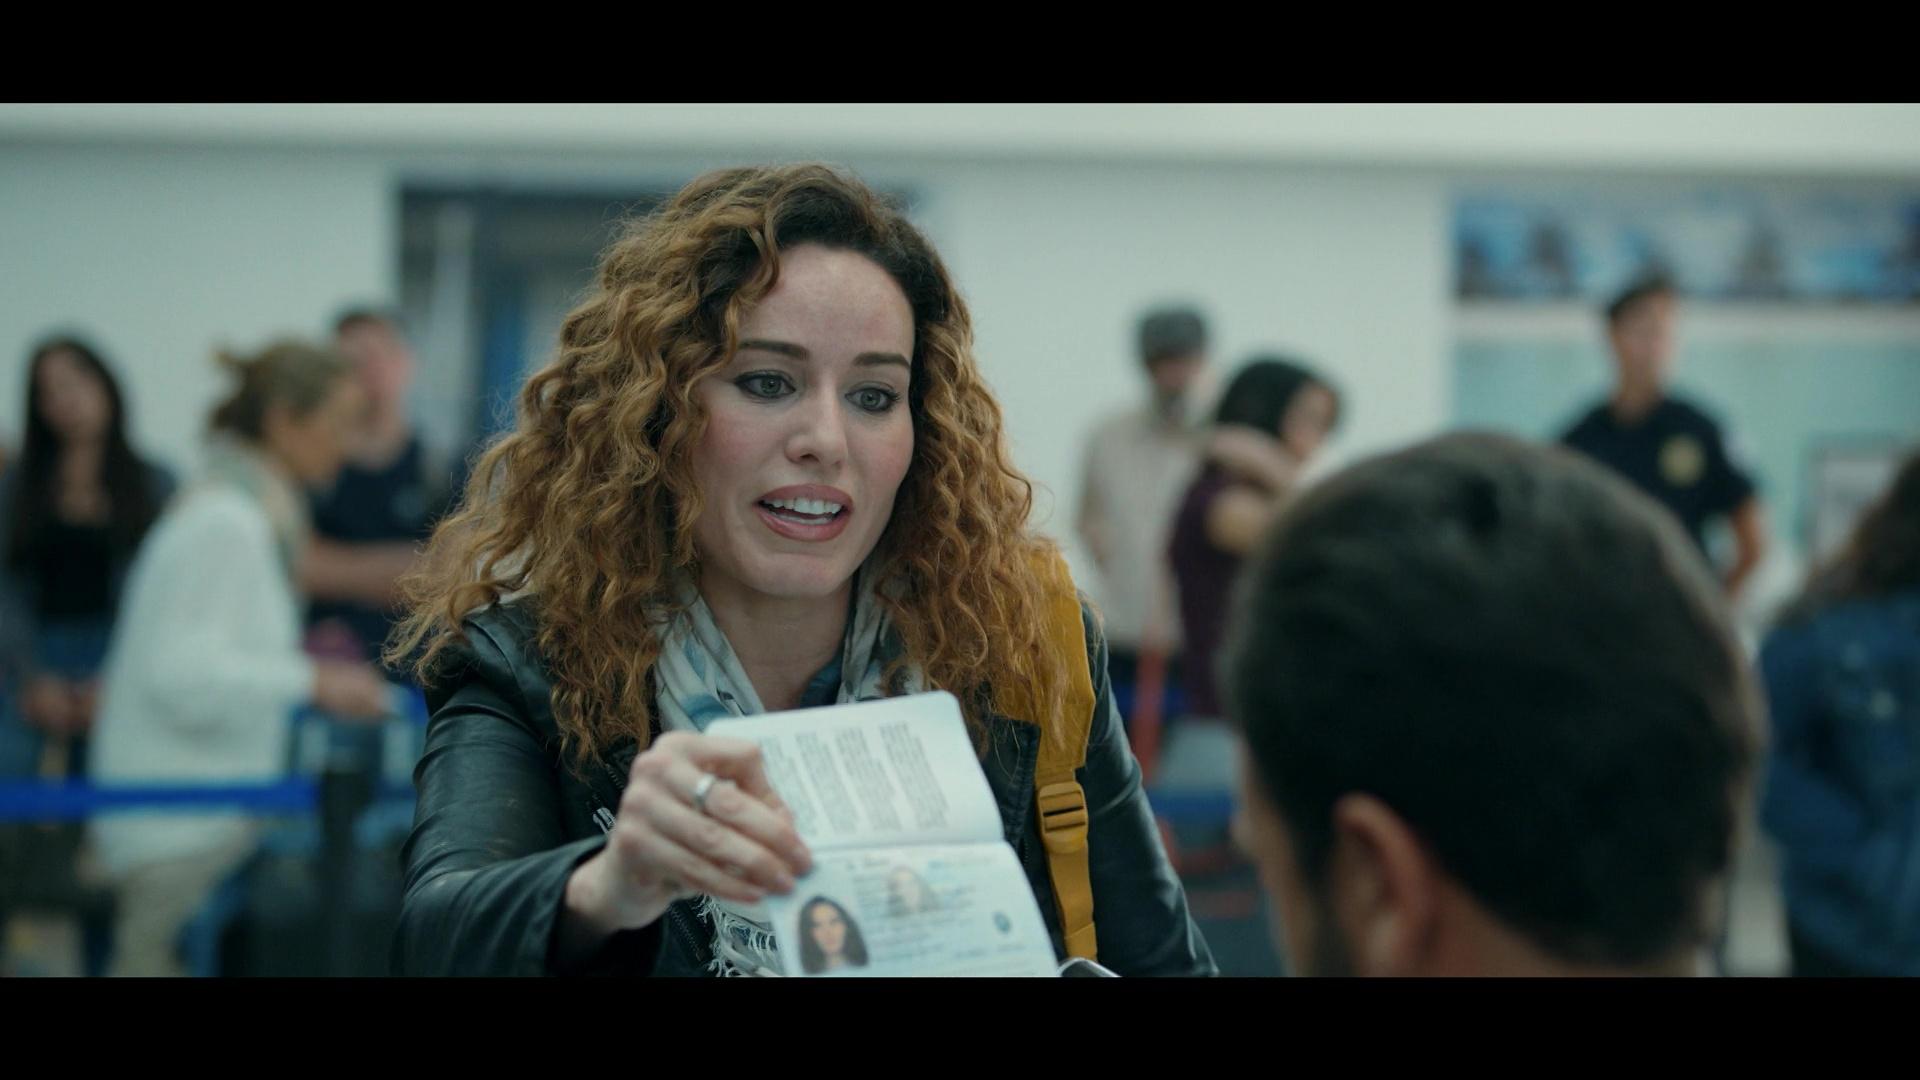 El cuartito (2021) 1080p WEB-DL Latino